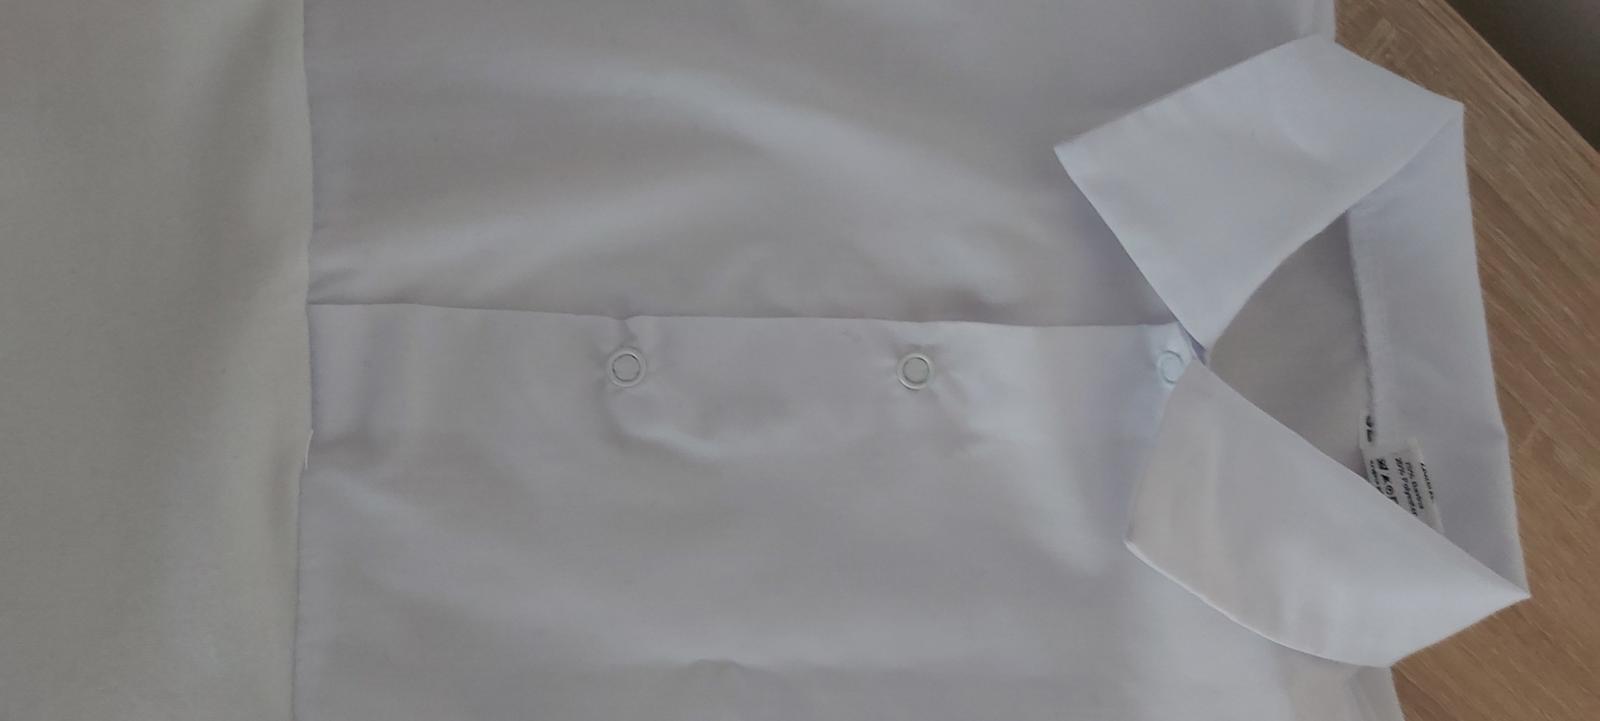 chlapčenská košeľa - Obrázok č. 2